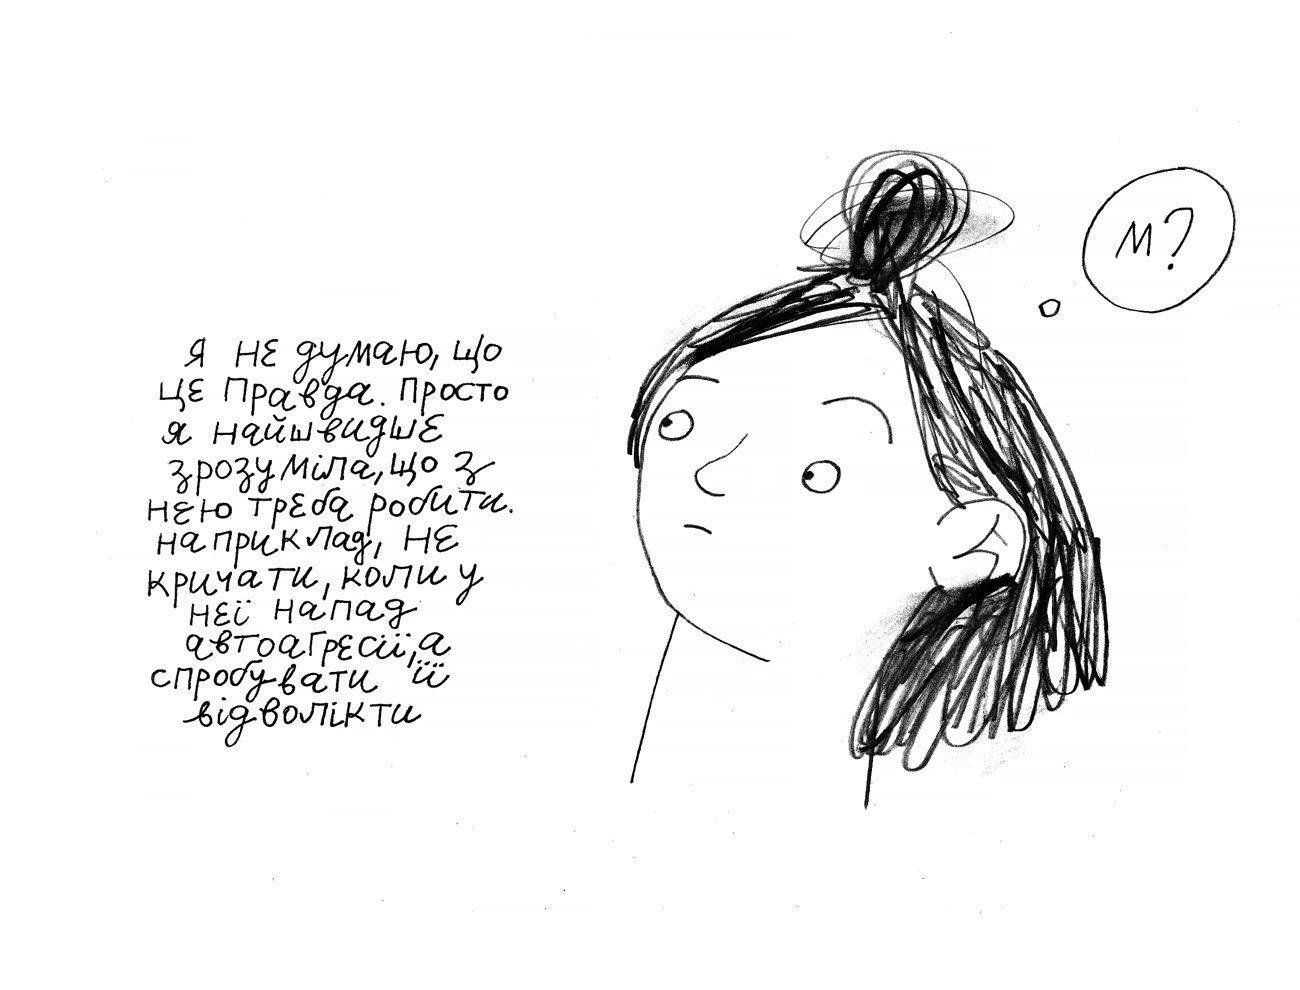 comics oliynik 26 - <b>Вам дісталася сумна дитина.</b> Комікс Жені Олійник про те, як депресія впливає на стосунки - Заборона